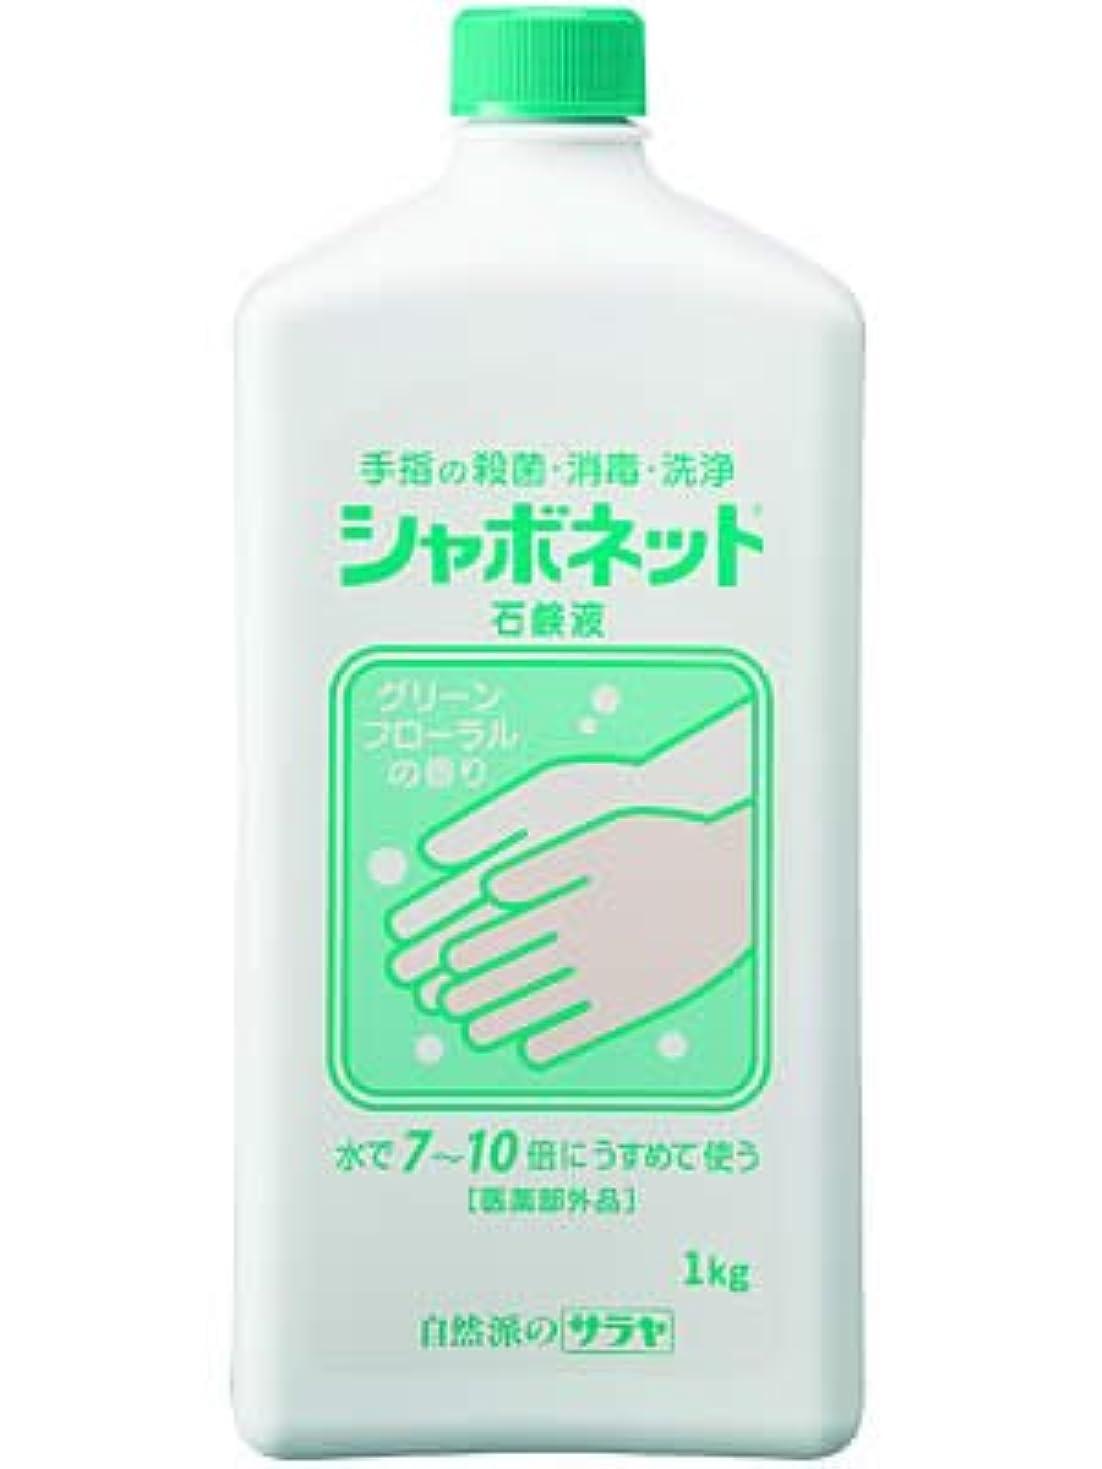 見込み試みヘクタール【サラヤ】シャボネット 石鹸液 1kg ×3個セット